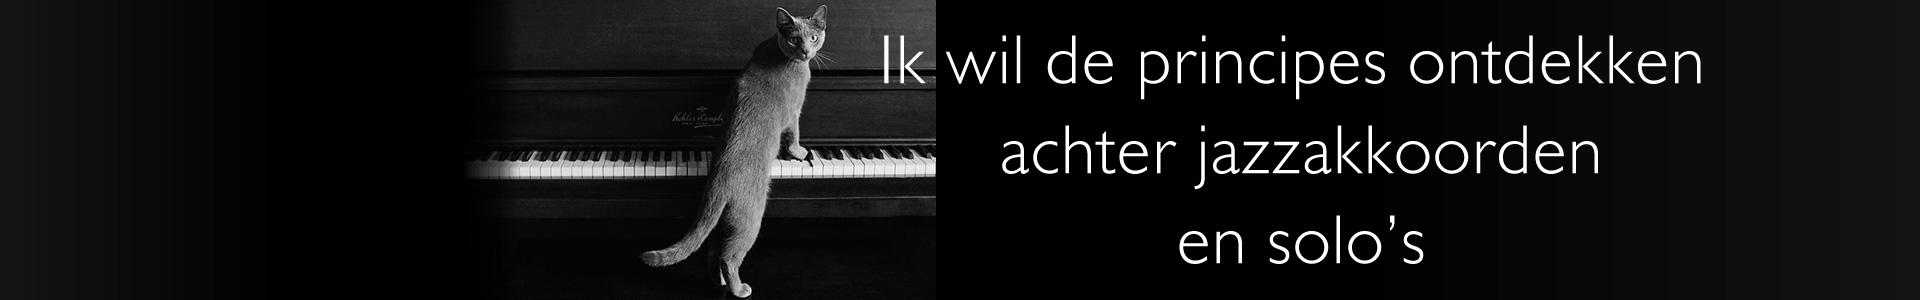 Piano improvisatie, principes ontdekken achter jazzakkoorden